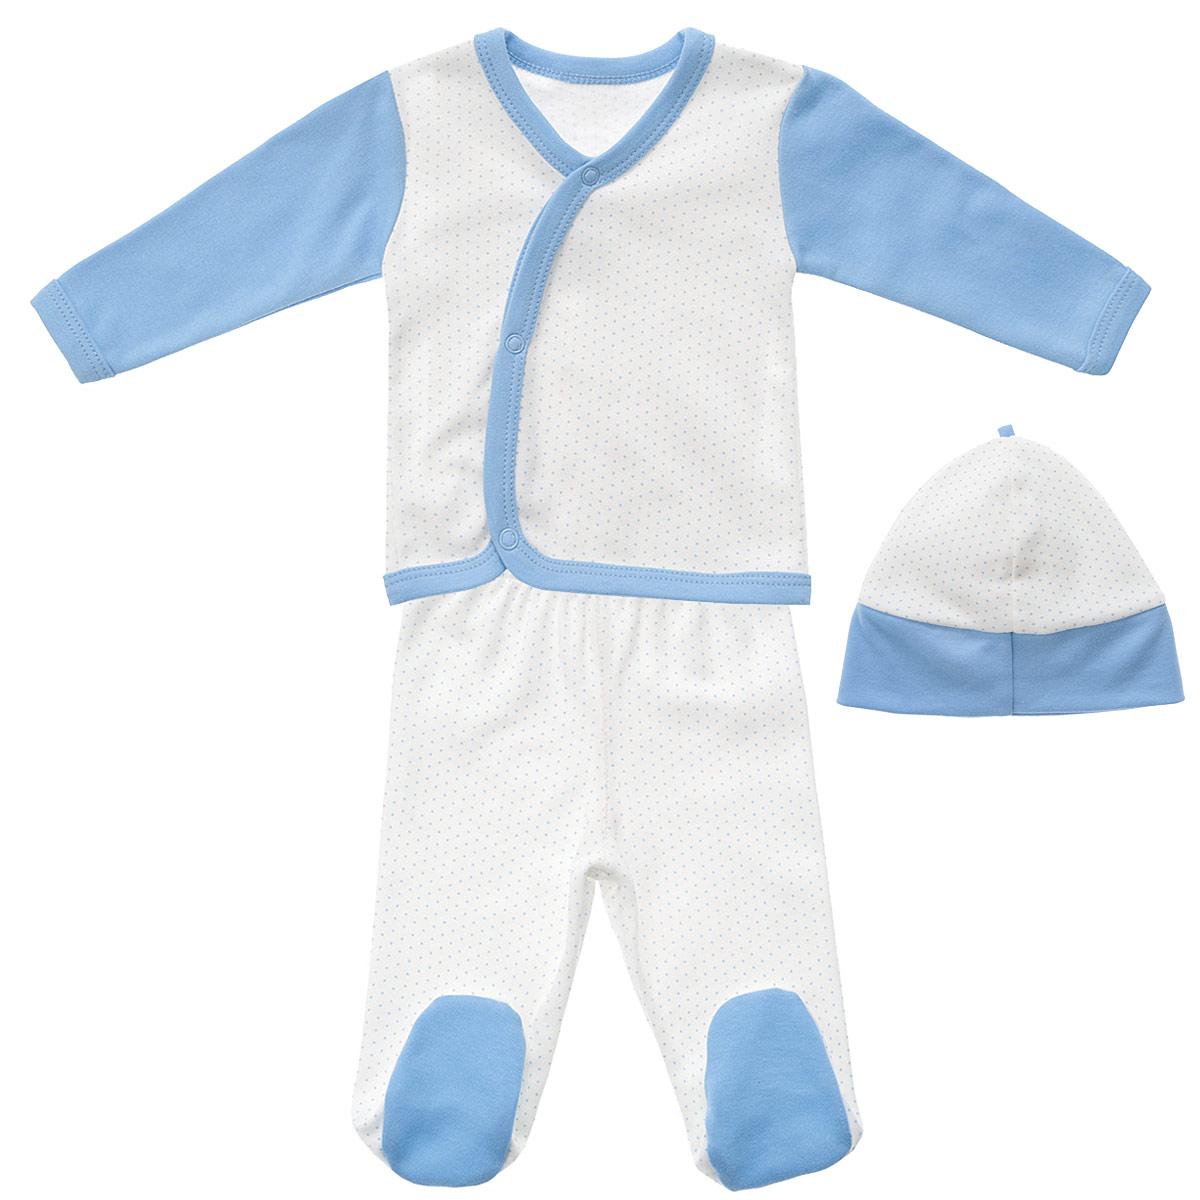 Комплект одежды33С-5210Детский комплект одежды для мальчика Фреш Стайл прекрасно подойдет вашему малышу. Он включает в себя кофточку, ползунки и шапочку. Изготовлен комплект из натурального хлопка, благодаря чему он необычайно мягкий, не раздражает нежную кожу ребенка и хорошо вентилируется, а эластичные швы приятны телу крохи и не препятствуют его движениям. Кофточка с длинными рукавами и V-образным вырезом горловины спереди застегивается на металлические застежки-кнопки, что позволит легко переодеть младенца. Вырез горловины, края рукавов, низ изделия и планка с кнопками дополнены трикотажной бейкой контрастного цвета. Оформлено изделие принтом в мелкий горошек. Рукава выполнены в контрастном цвете. Ползунки с закрытыми ножками на талии имеют эластичную резинку, не сдавливающую животик ребенка, обеспечивая наибольший комфорт. Оформлено изделие принтом в мелкий горошек. Стопы выполнены из однотонной ткани контрастного цвета. Шапочка защищает еще не заросший родничок от ветра и солнца....